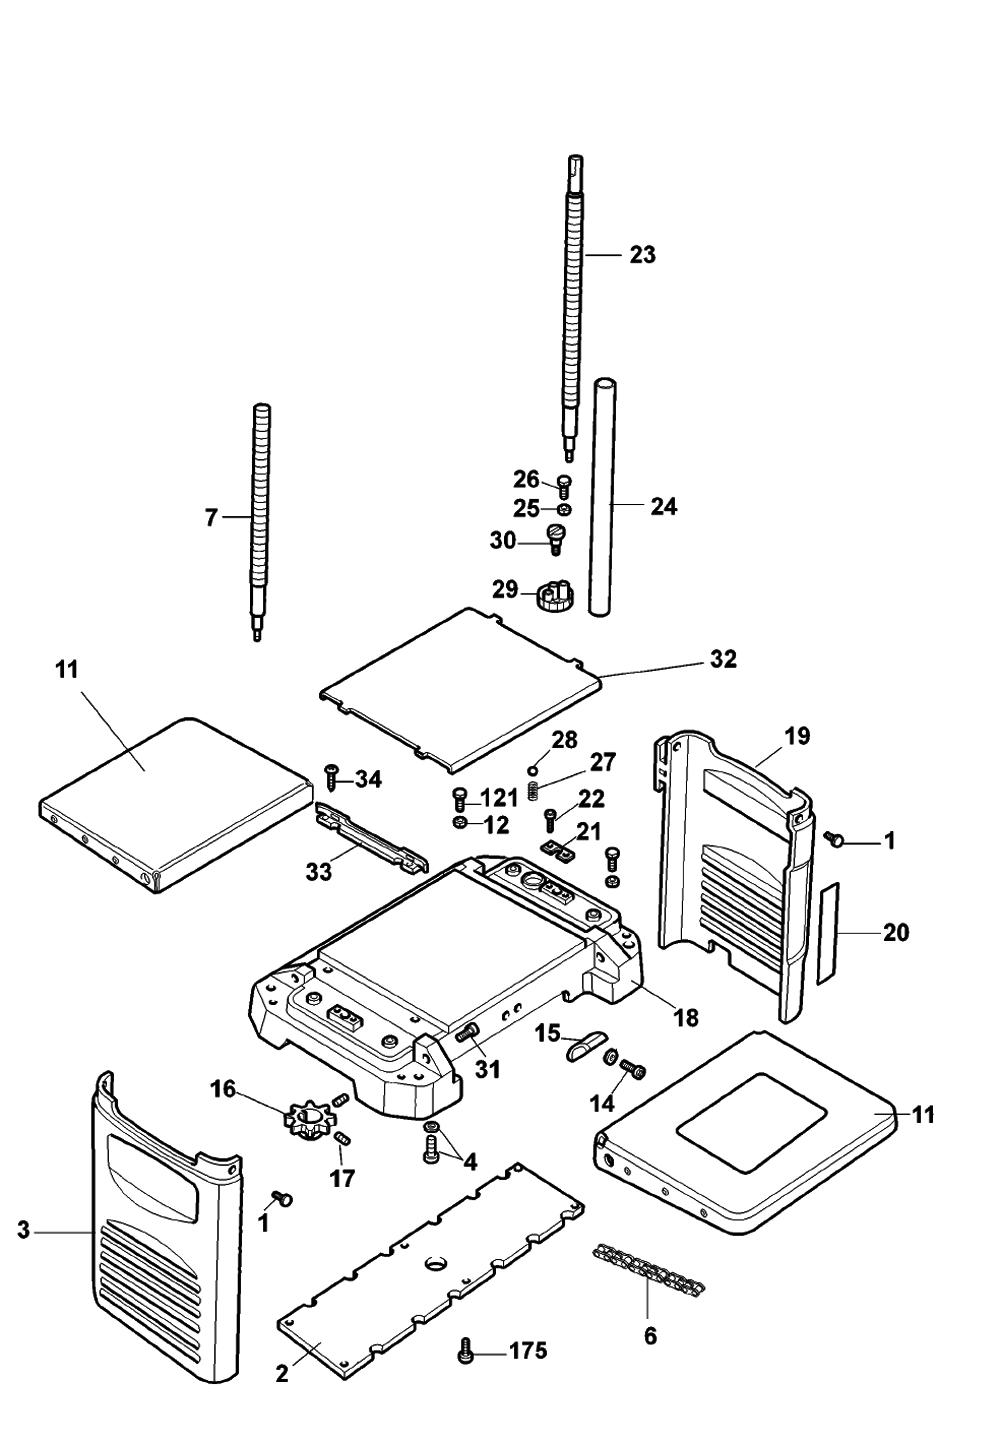 Dewalt Dw733 Parts Manual